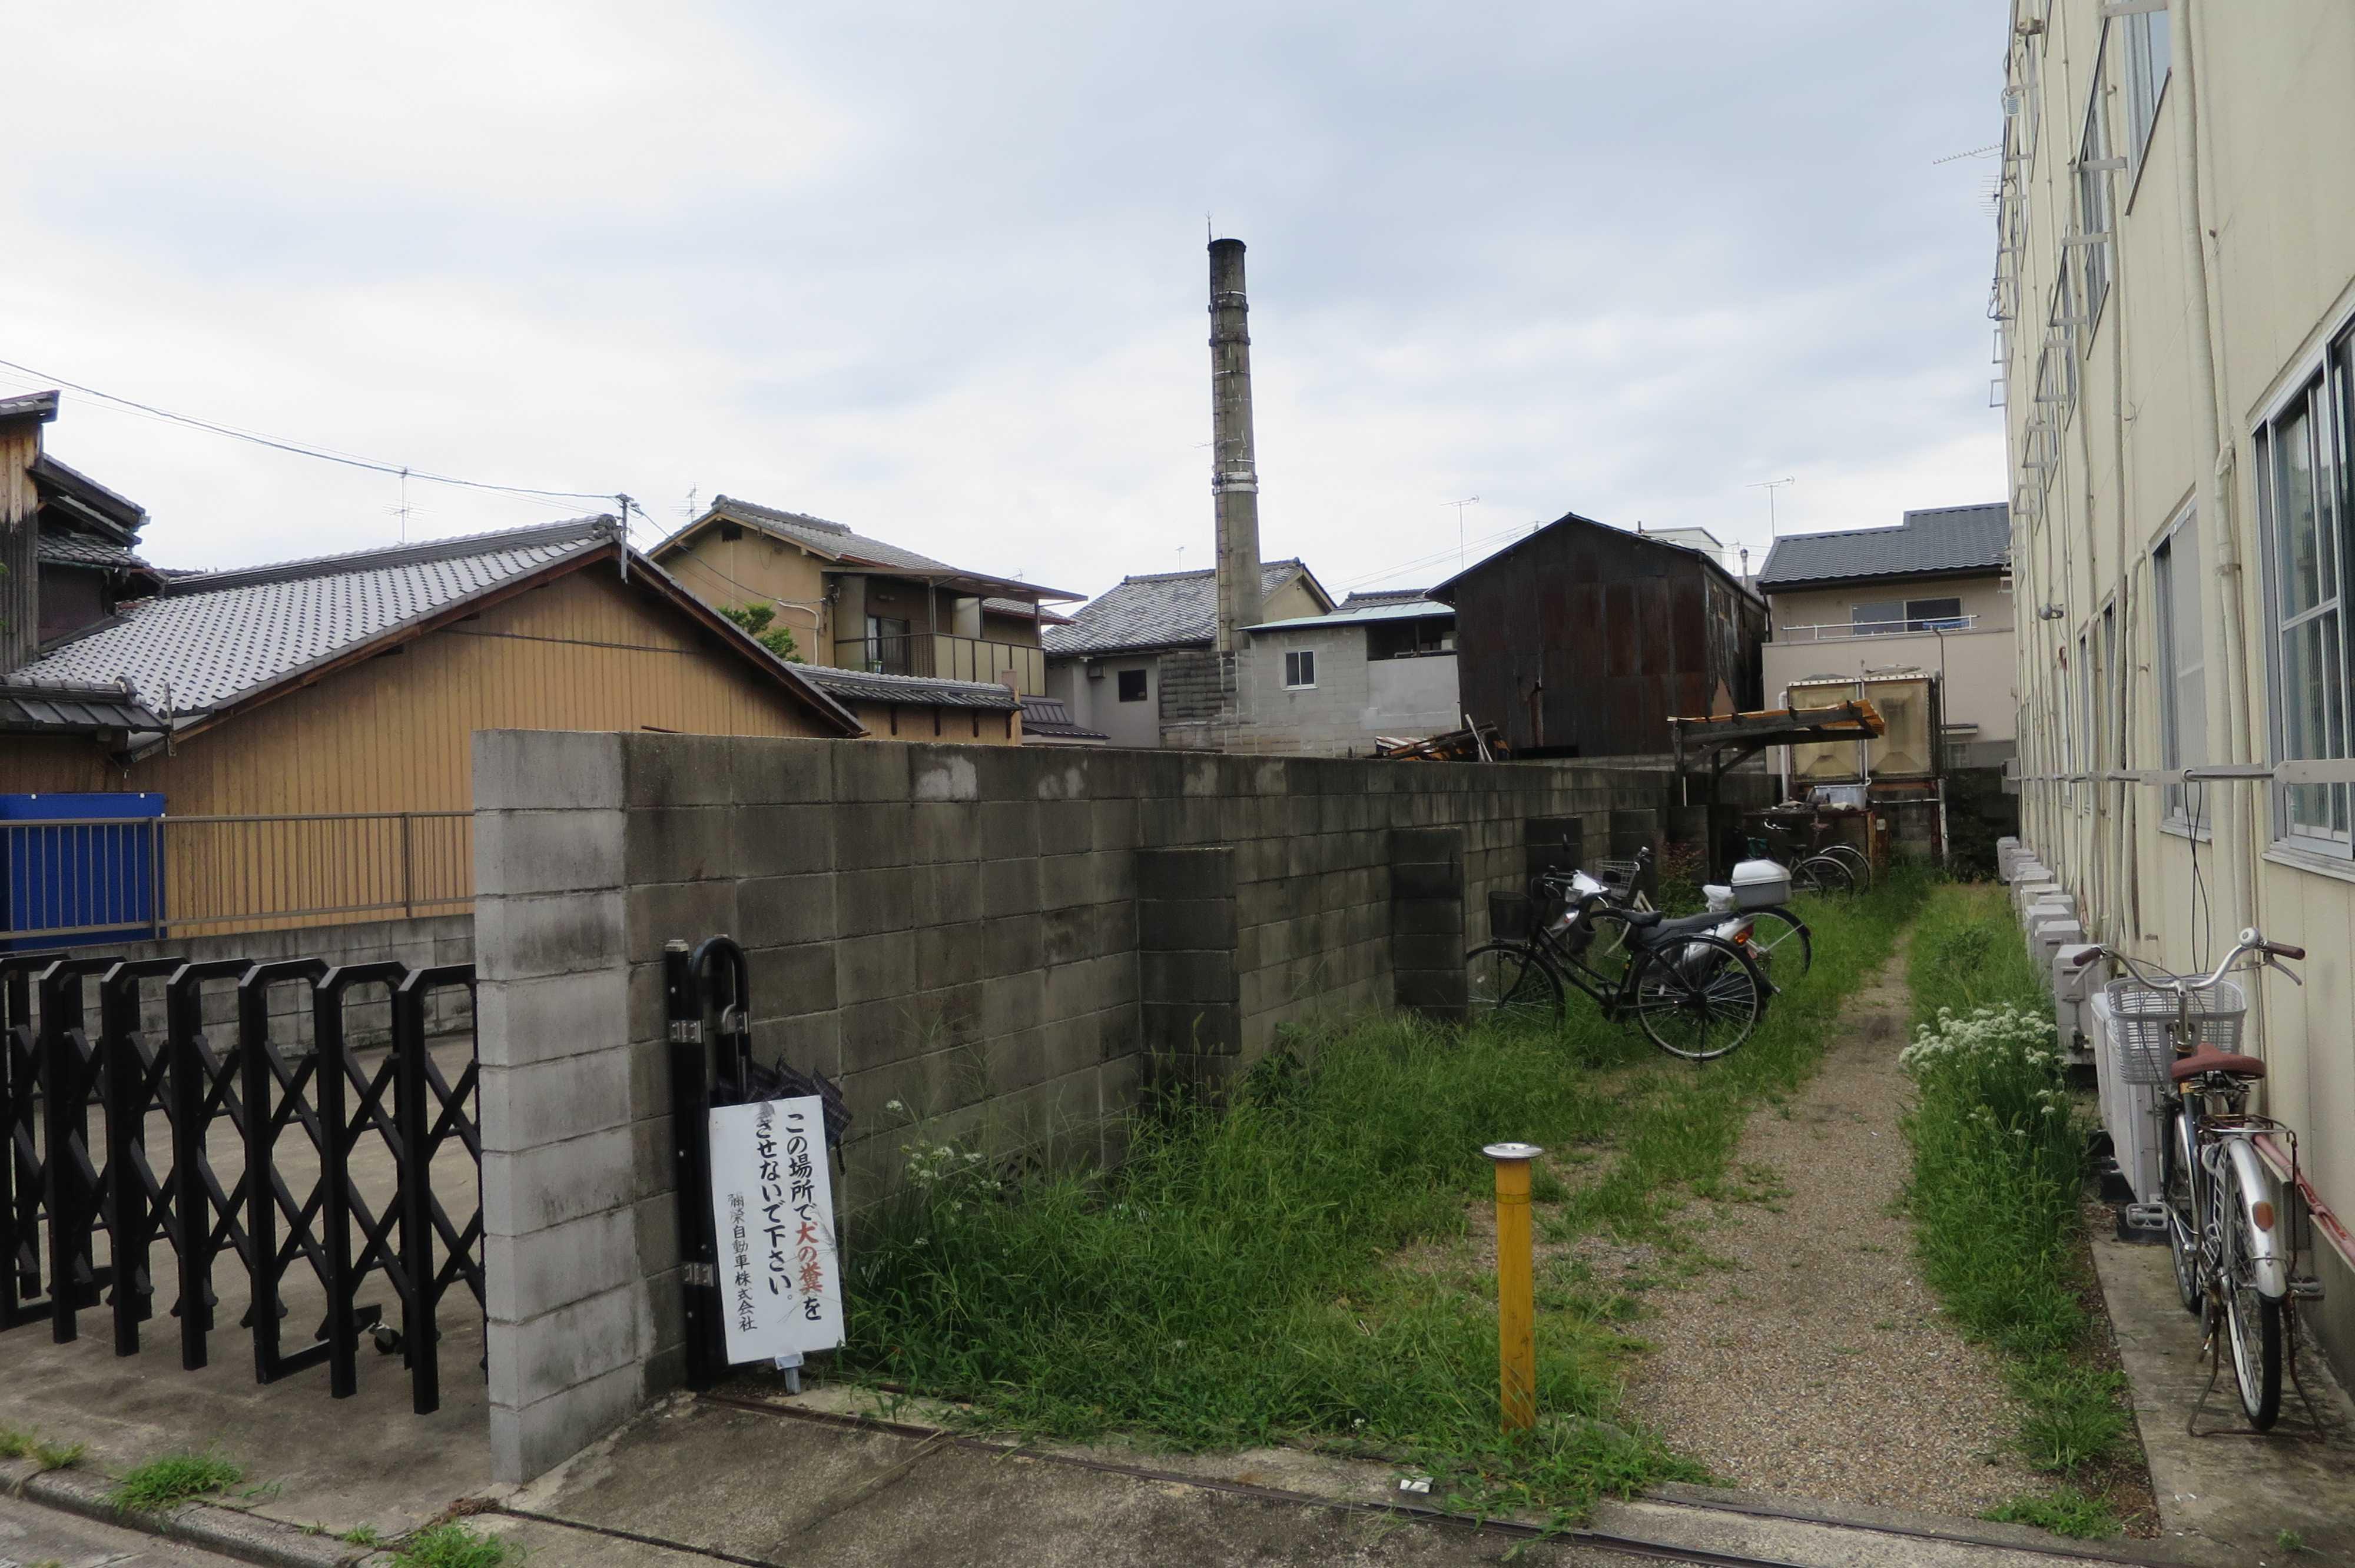 京都 - 輪違屋の前の道路から見えたえんとつ